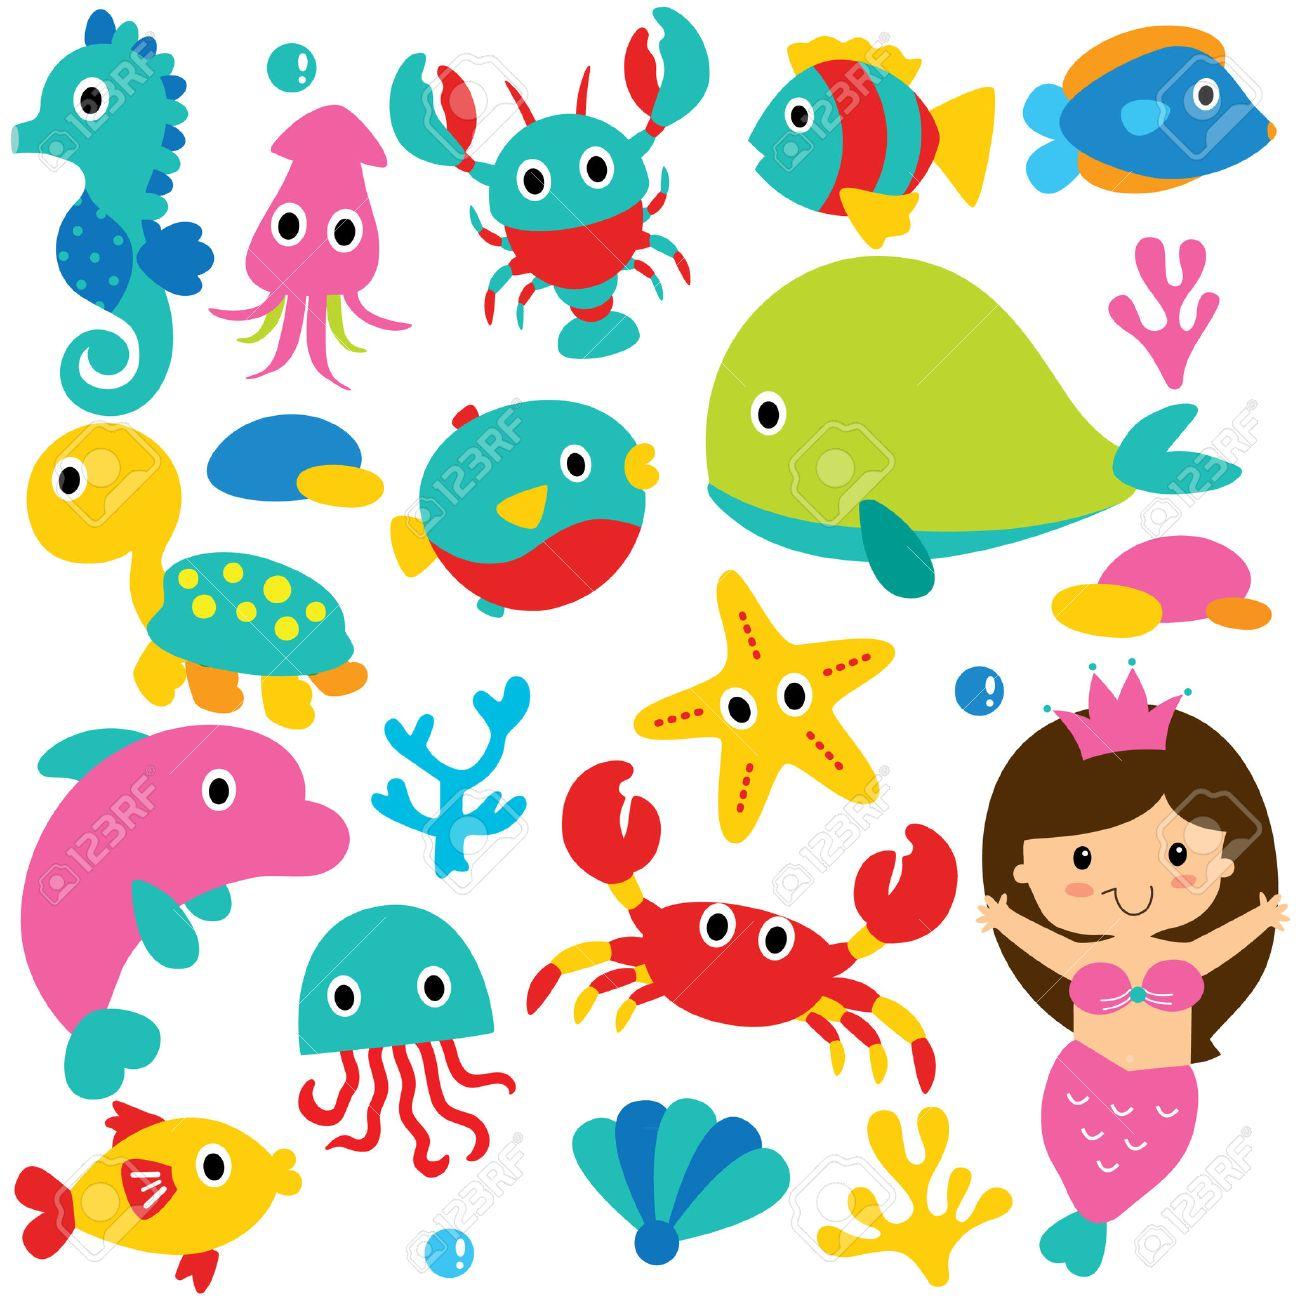 かわいい海の動物クリップ アート セットのイラスト素材ベクタ Image